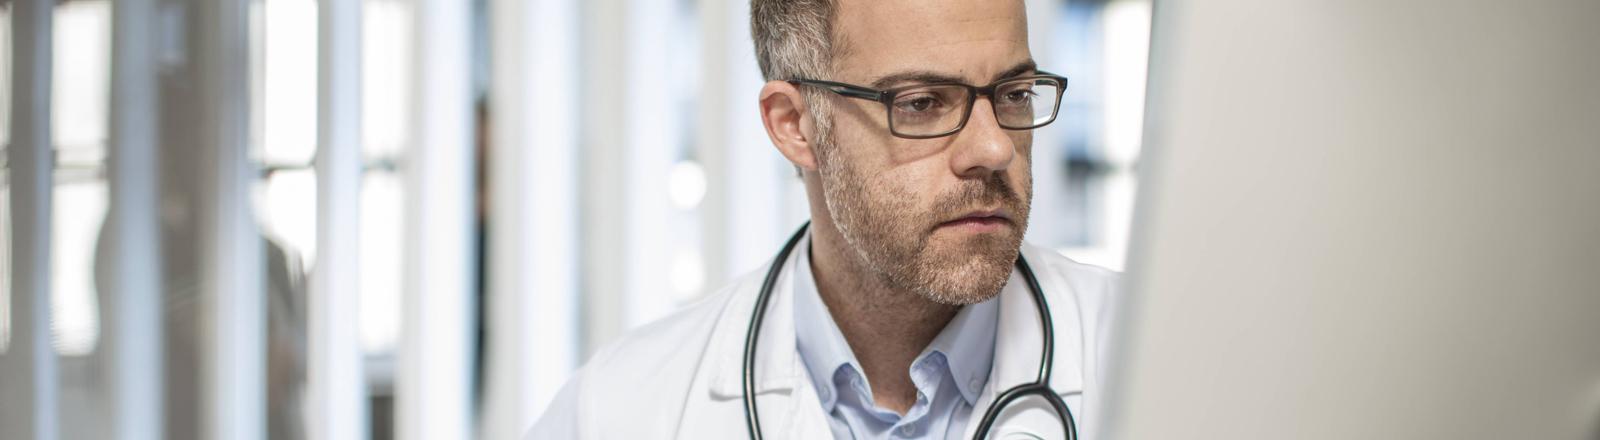 Arzt sitzt am Schreibtisch und schaut auf einen Computerbildschirm